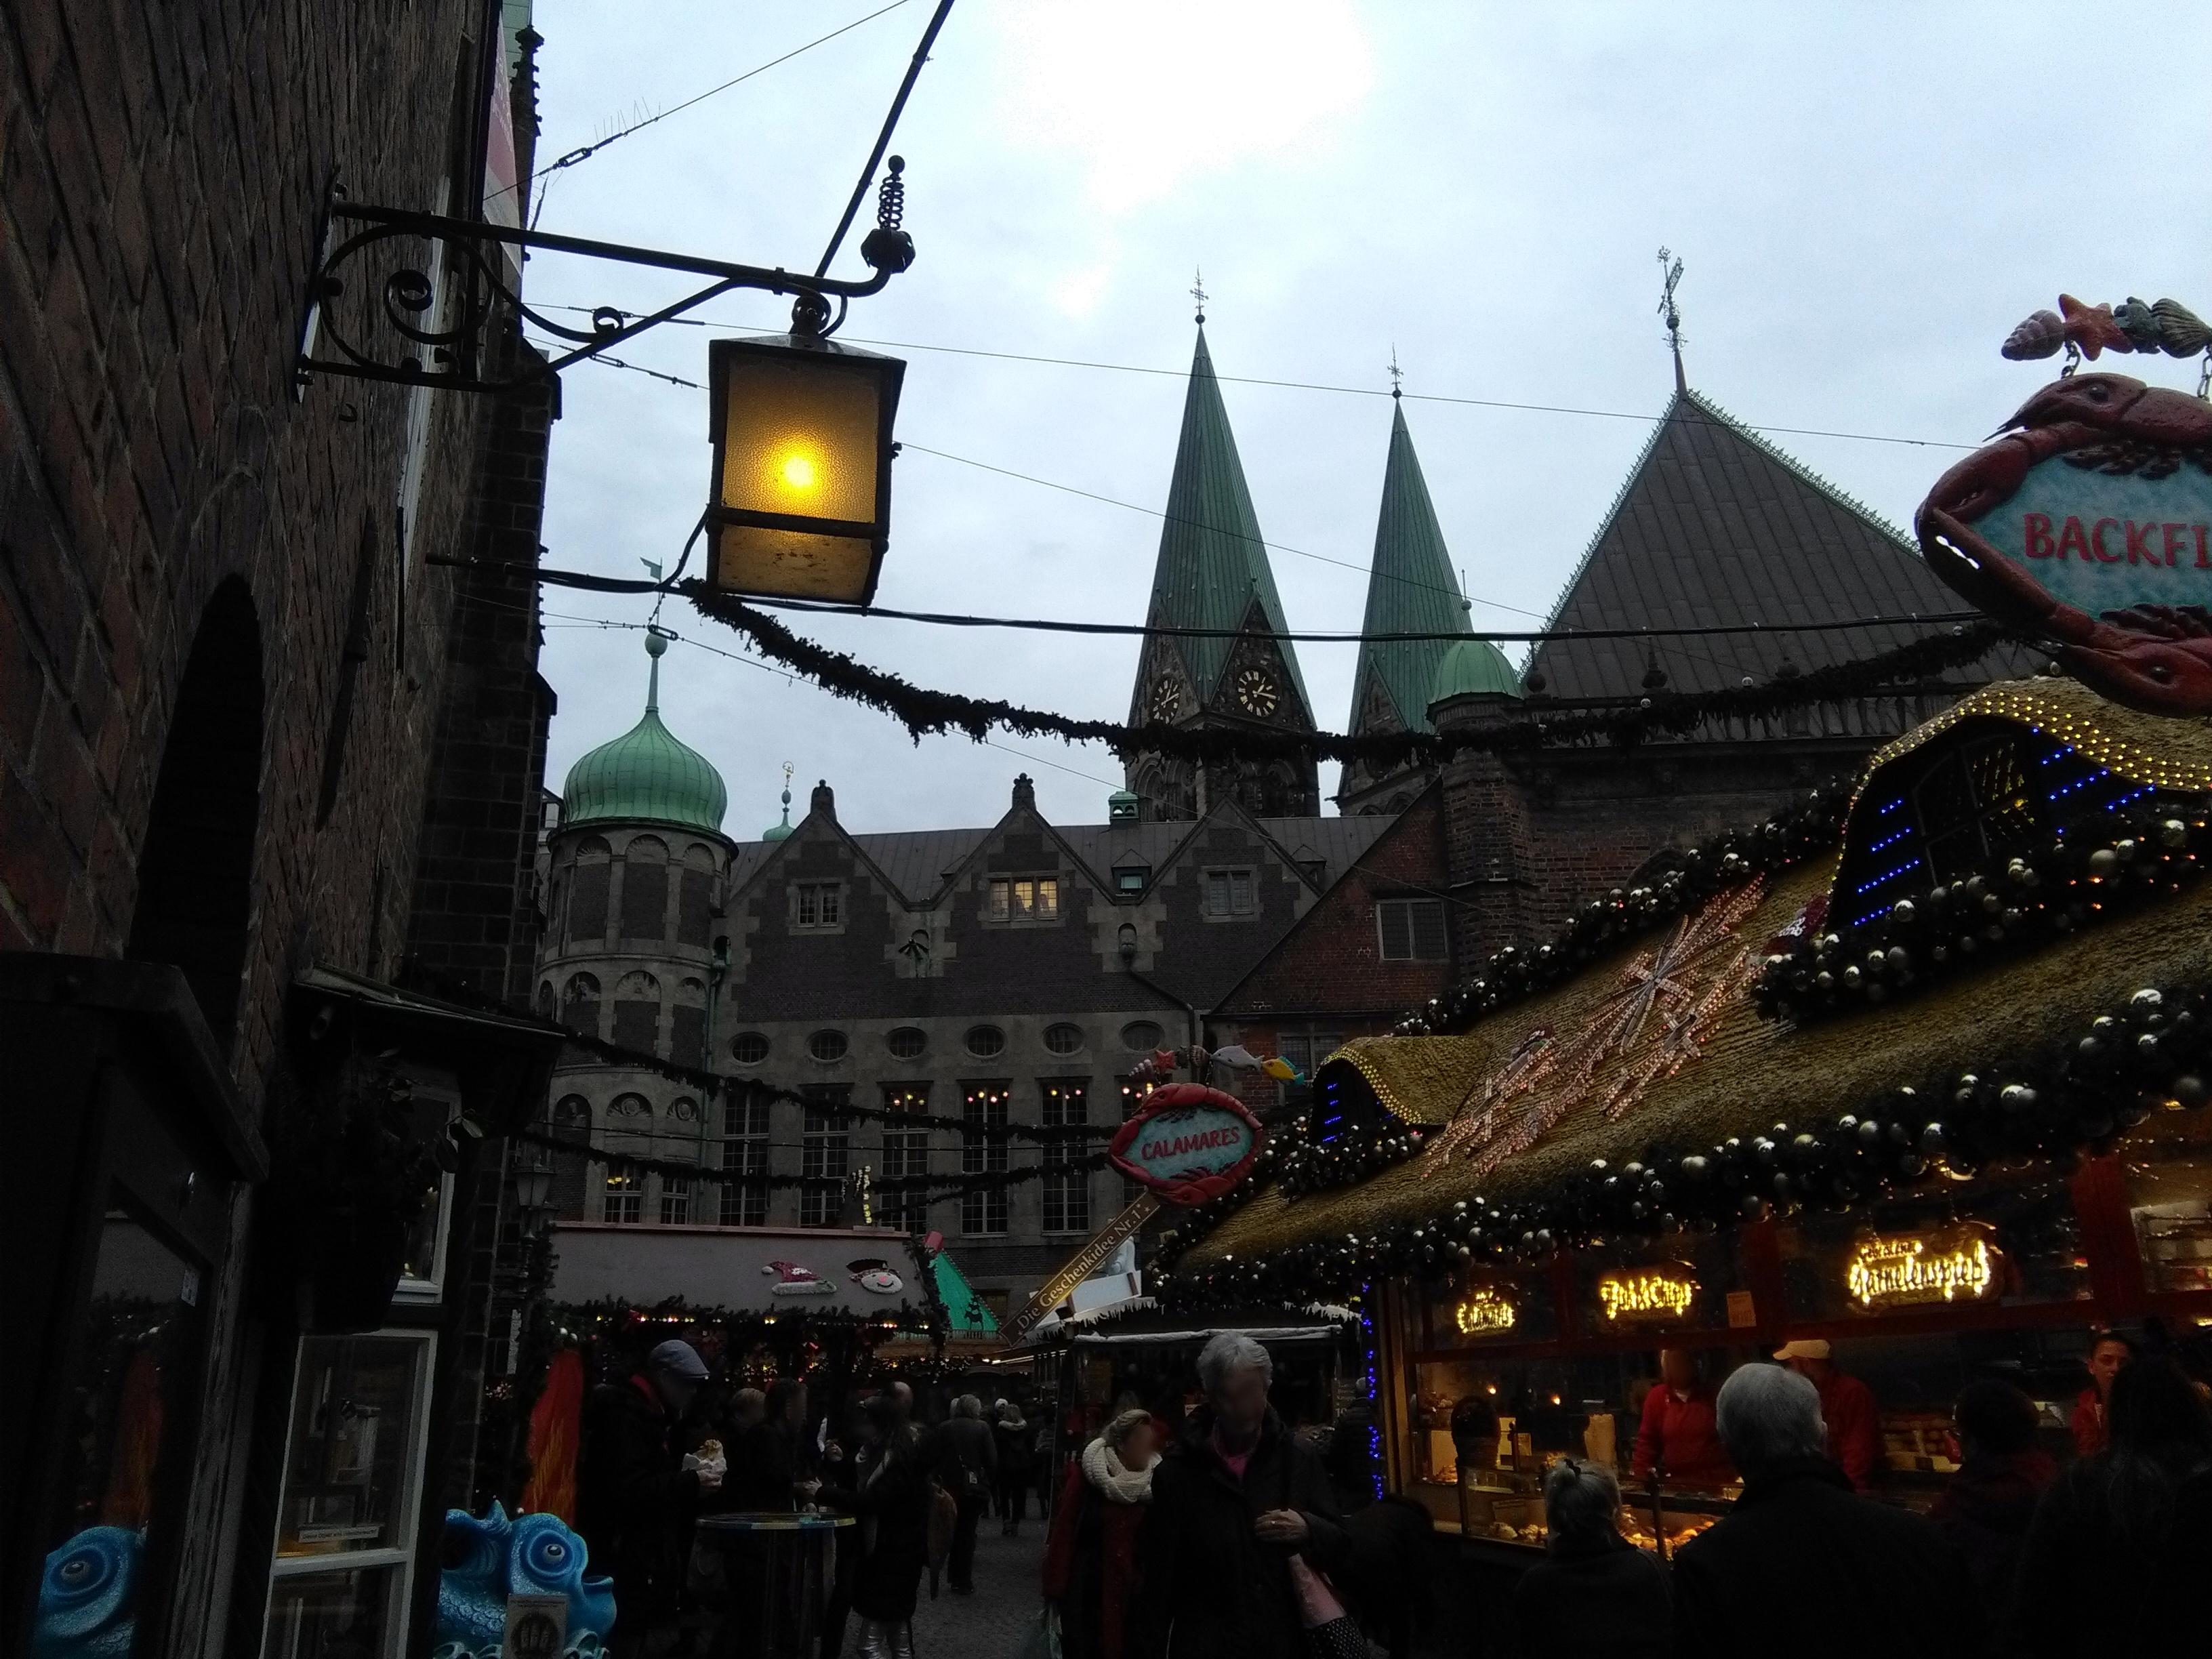 131546-laterne-weihnachtsmarkt-buden